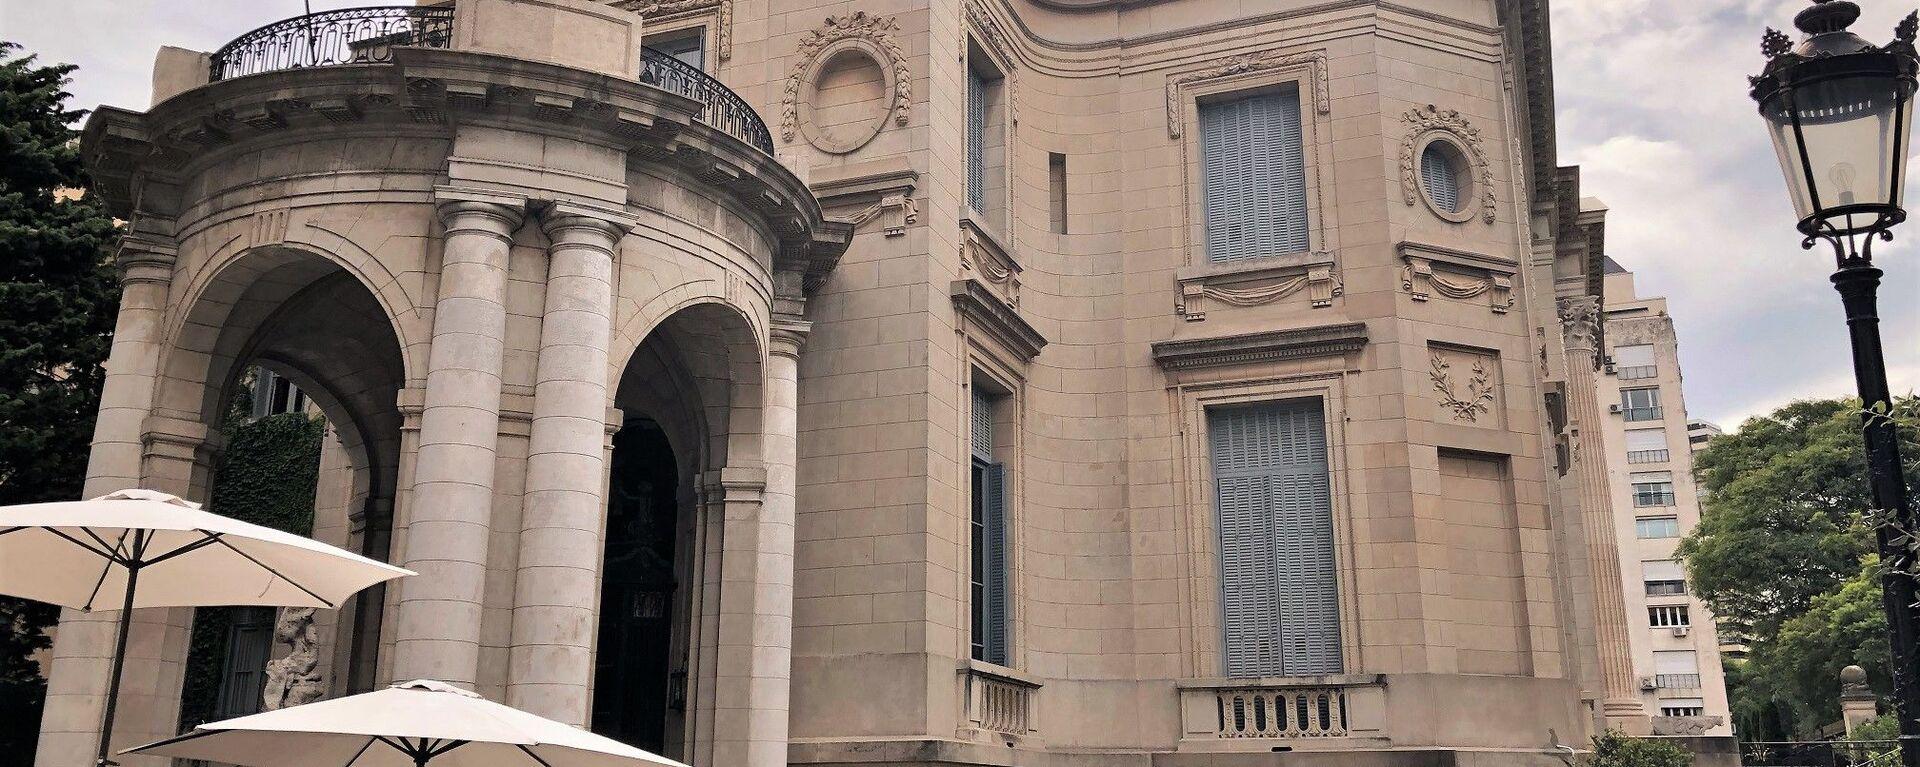 El Museo Nacional de Arte Decorativo se emplaza en el Palacio Errázuriz Alvear - Sputnik Mundo, 1920, 10.02.2020